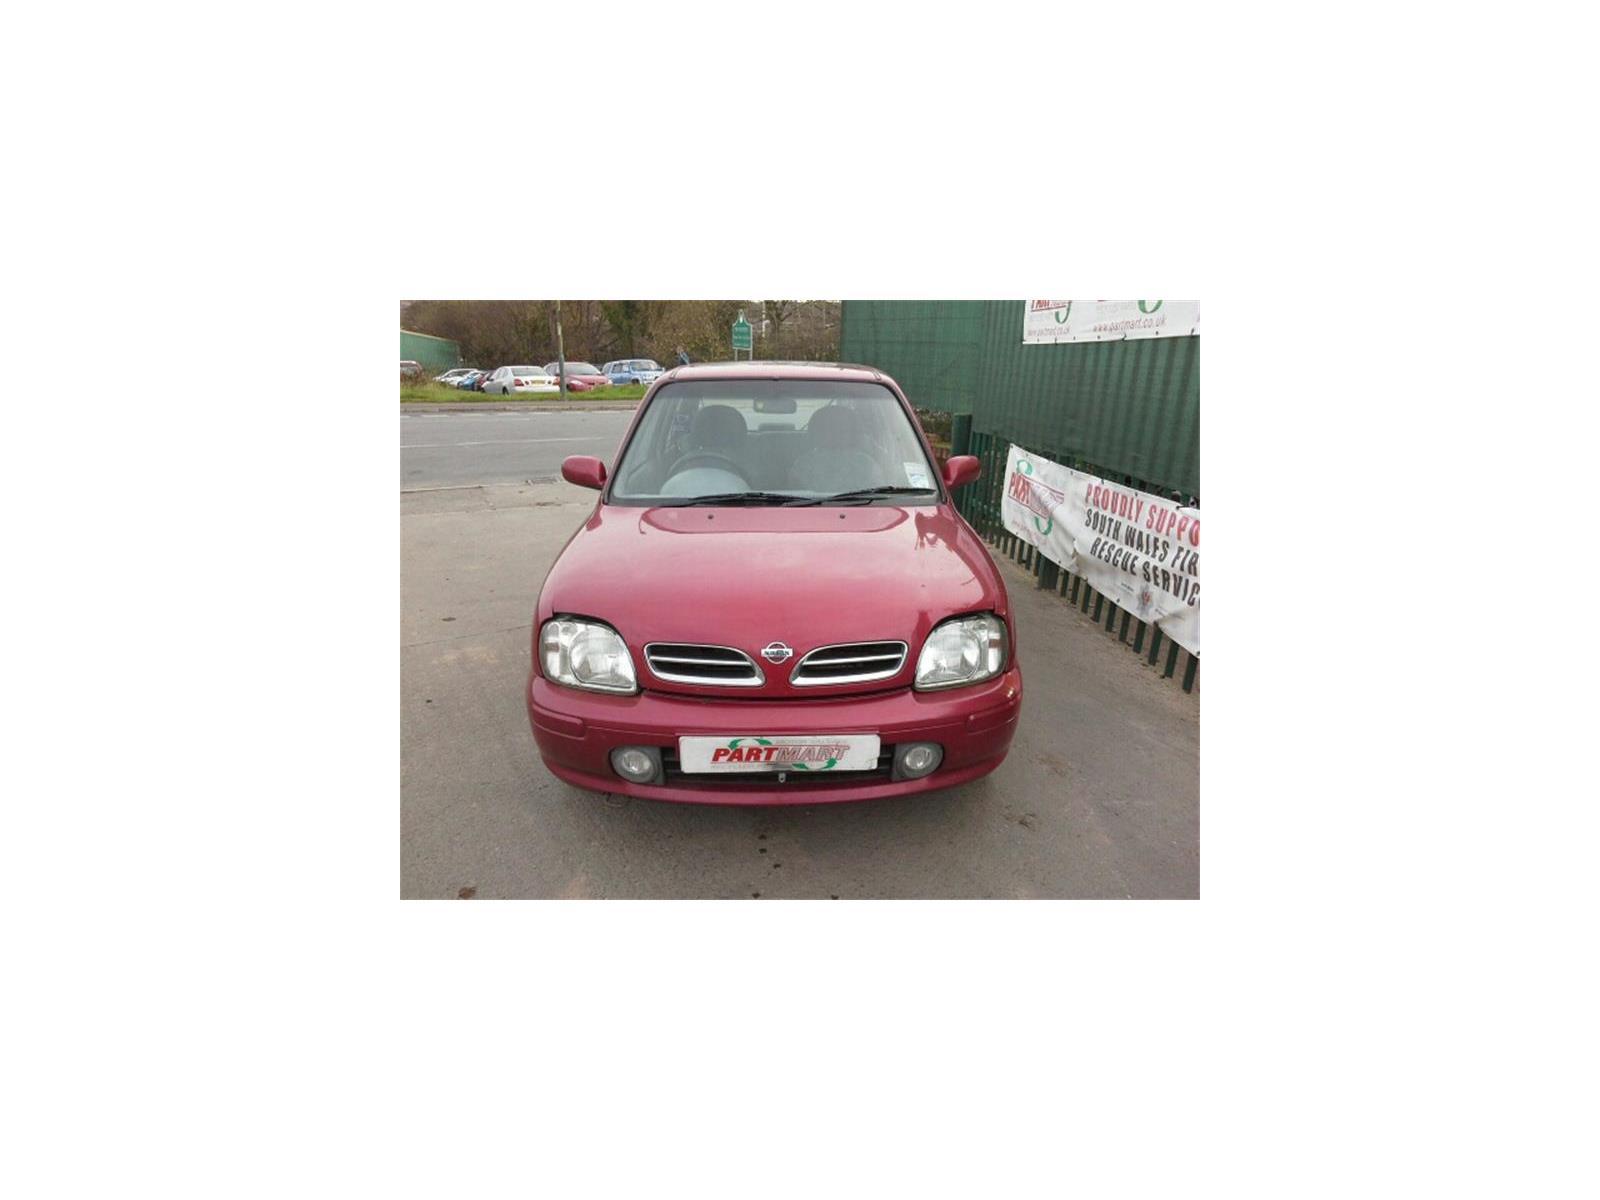 Nissan Micra 1998 To 1999 3 Door Hatchback